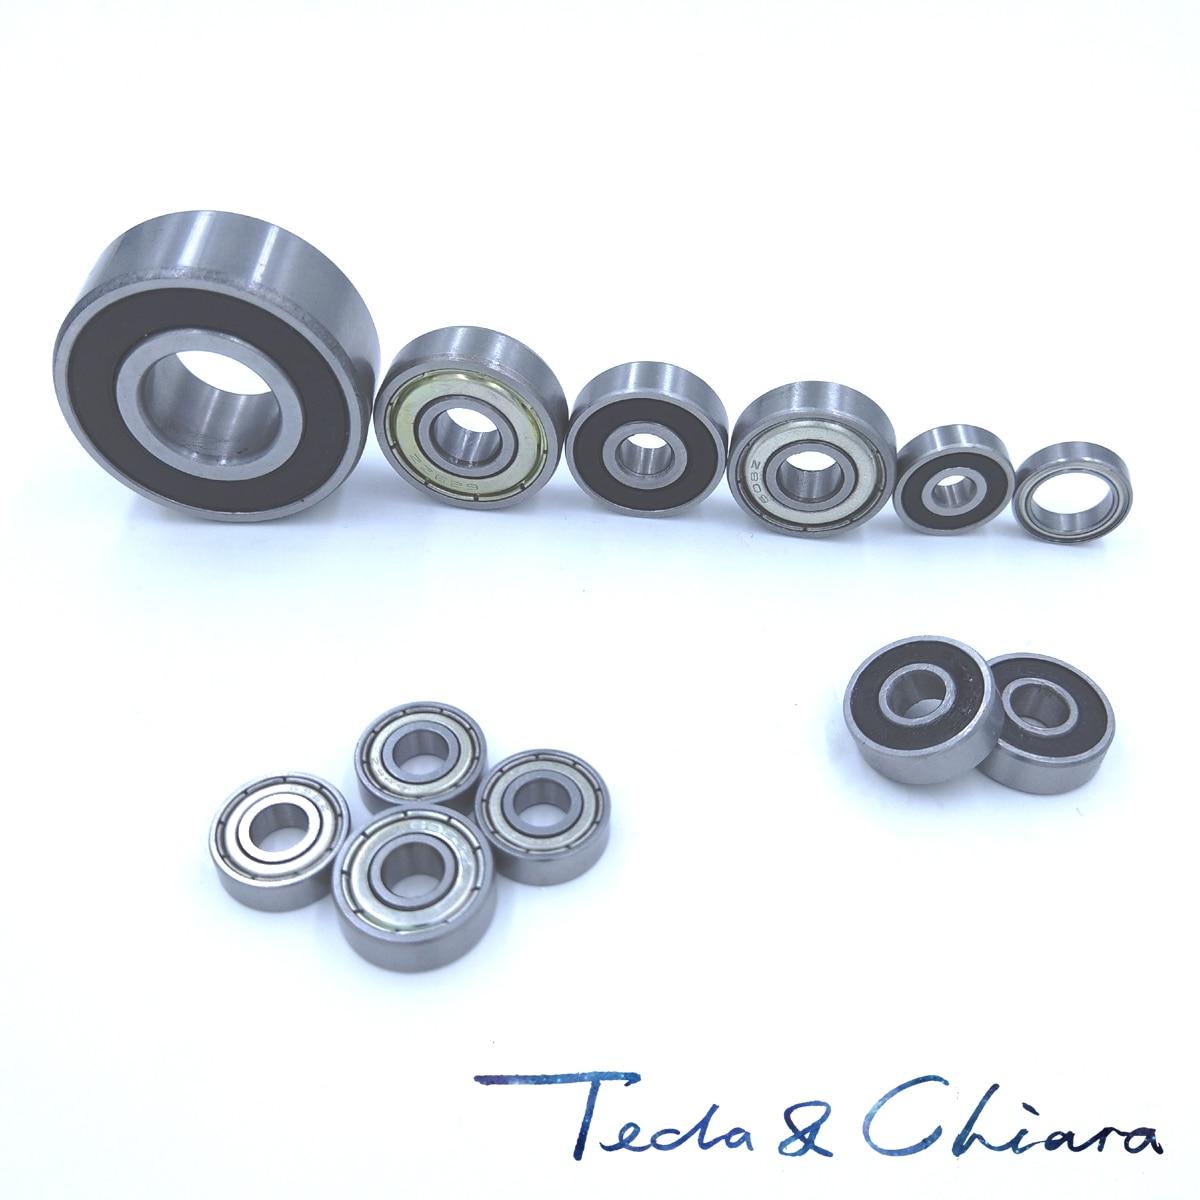 R188 R188ZZ R188RS R188-2Z R188Z ZZ RS RZ 2RZ Deep Groove Ball Bearings 6.35 X 12.7 X 4.76mm 1/4